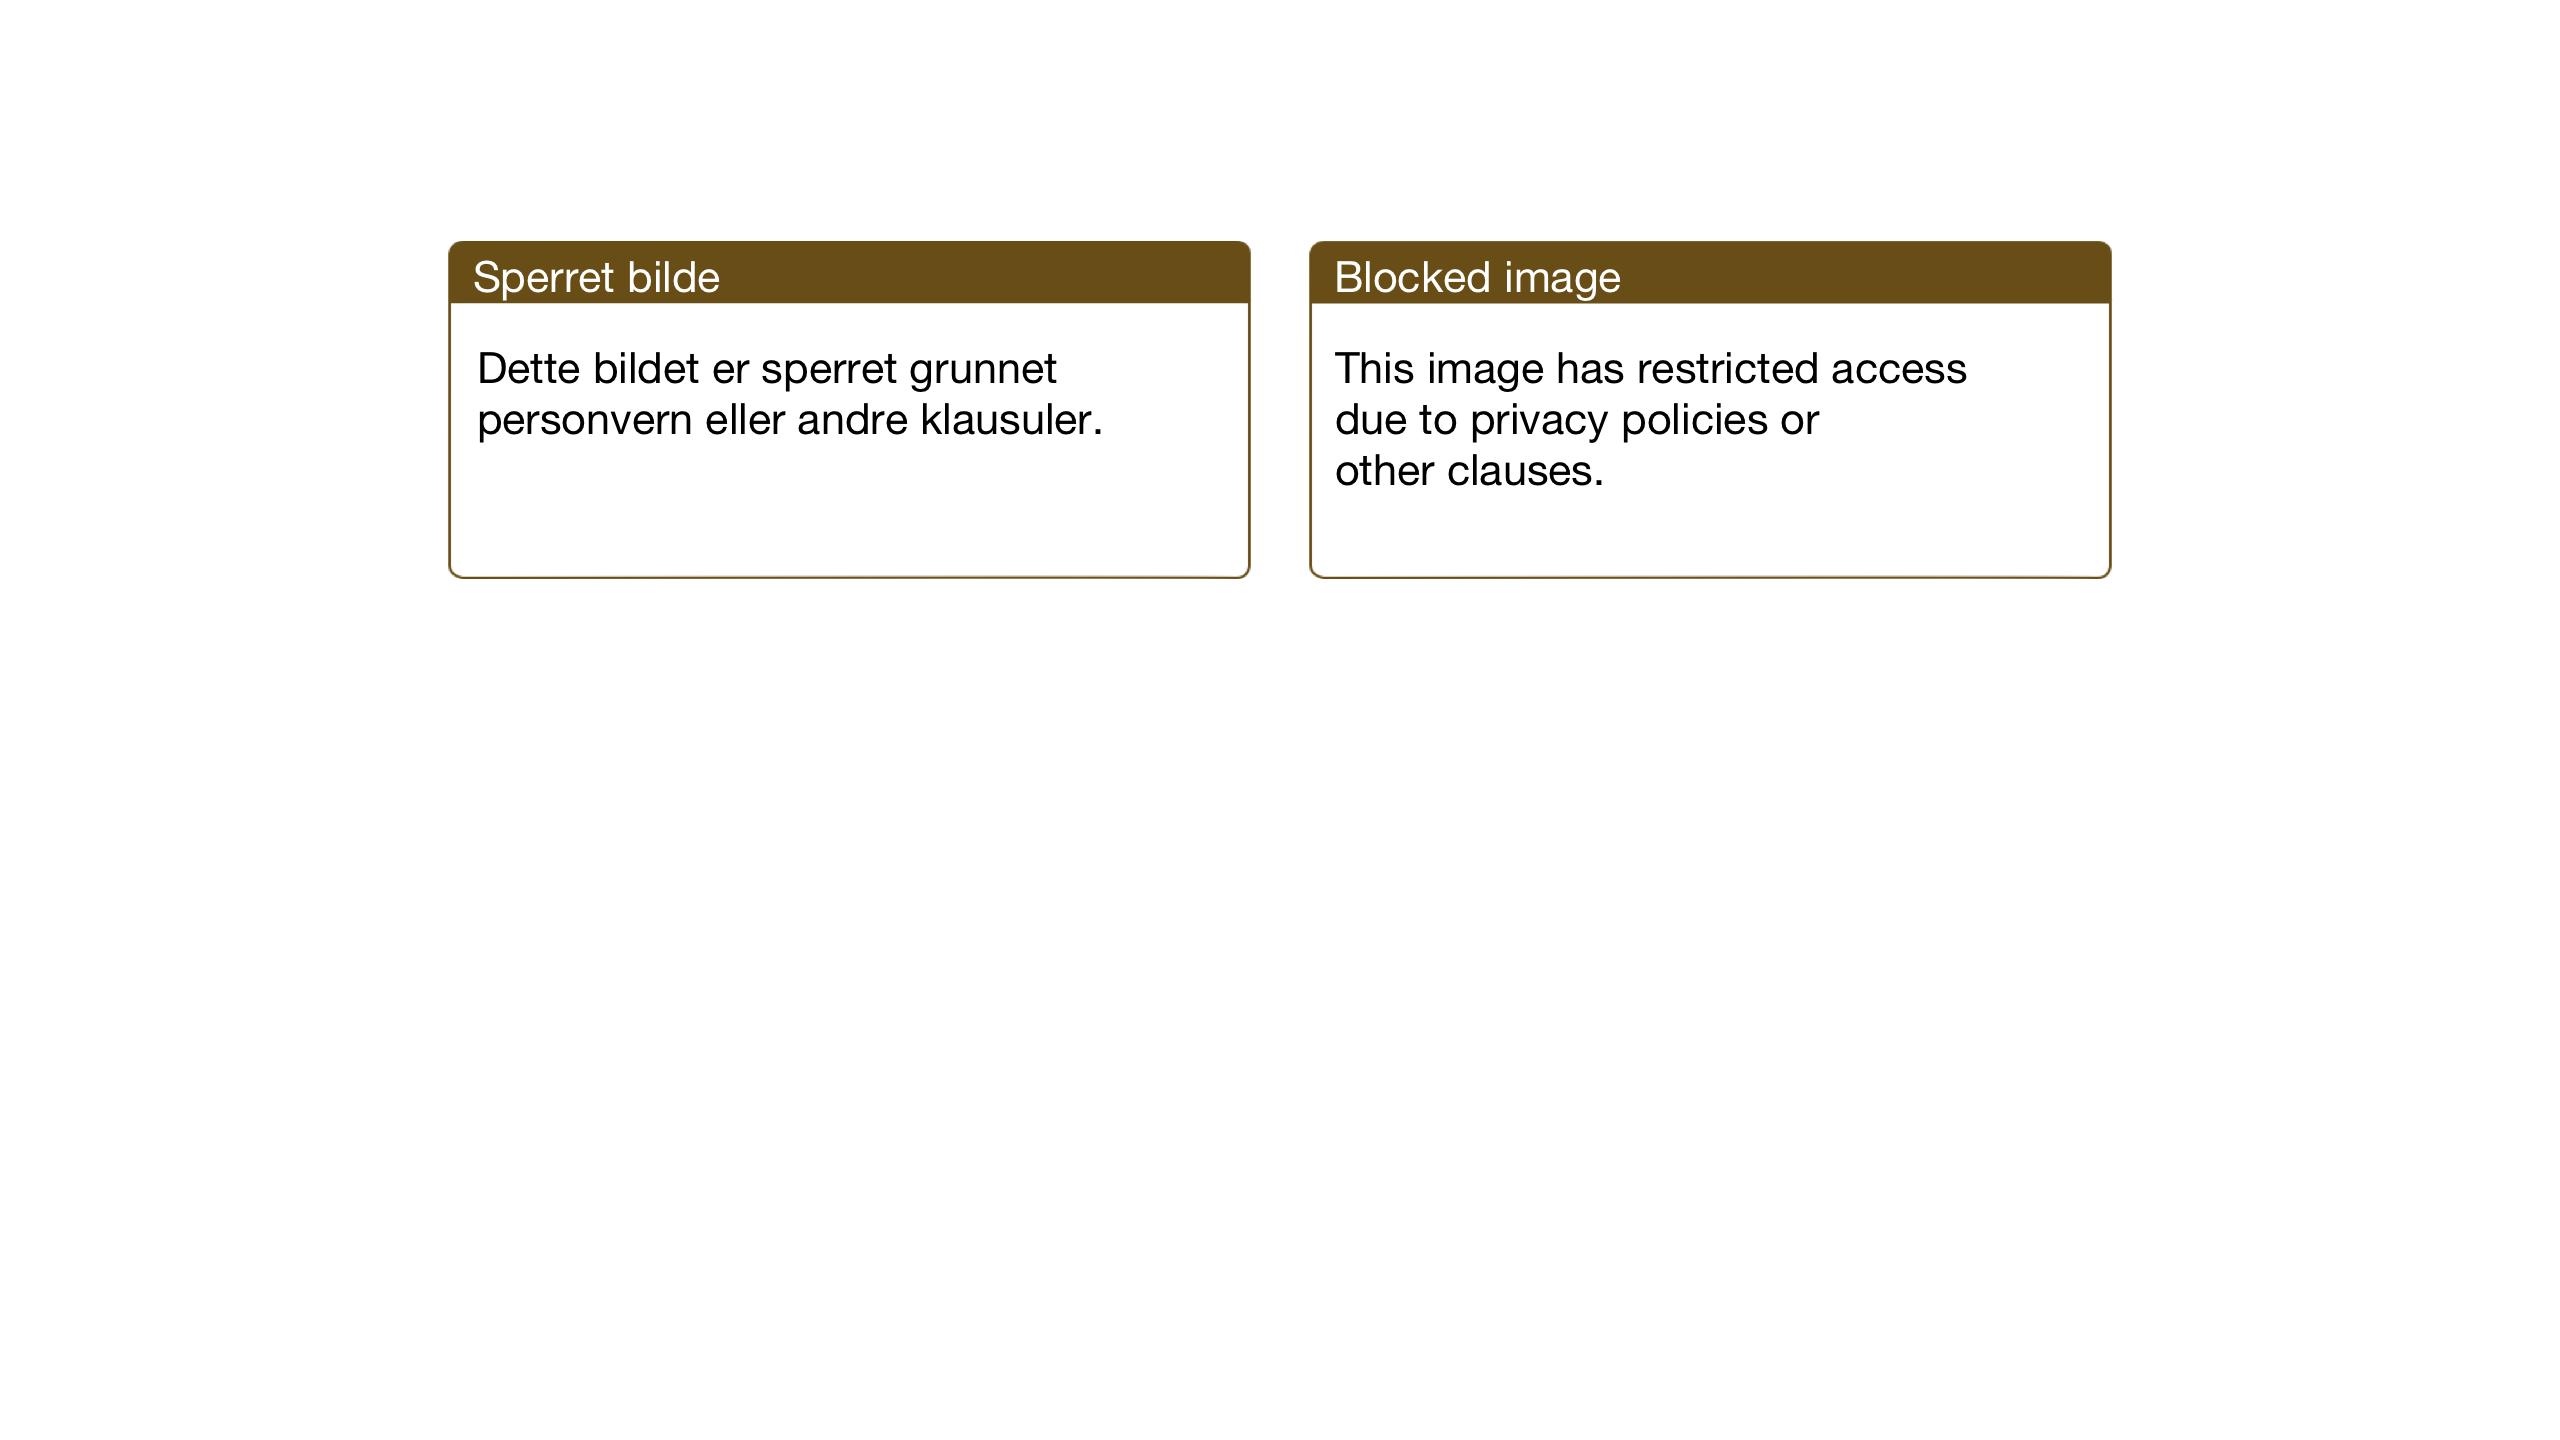 SAT, Ministerialprotokoller, klokkerbøker og fødselsregistre - Sør-Trøndelag, 607/L0328: Klokkerbok nr. 607C02, 1940-1948, s. 4